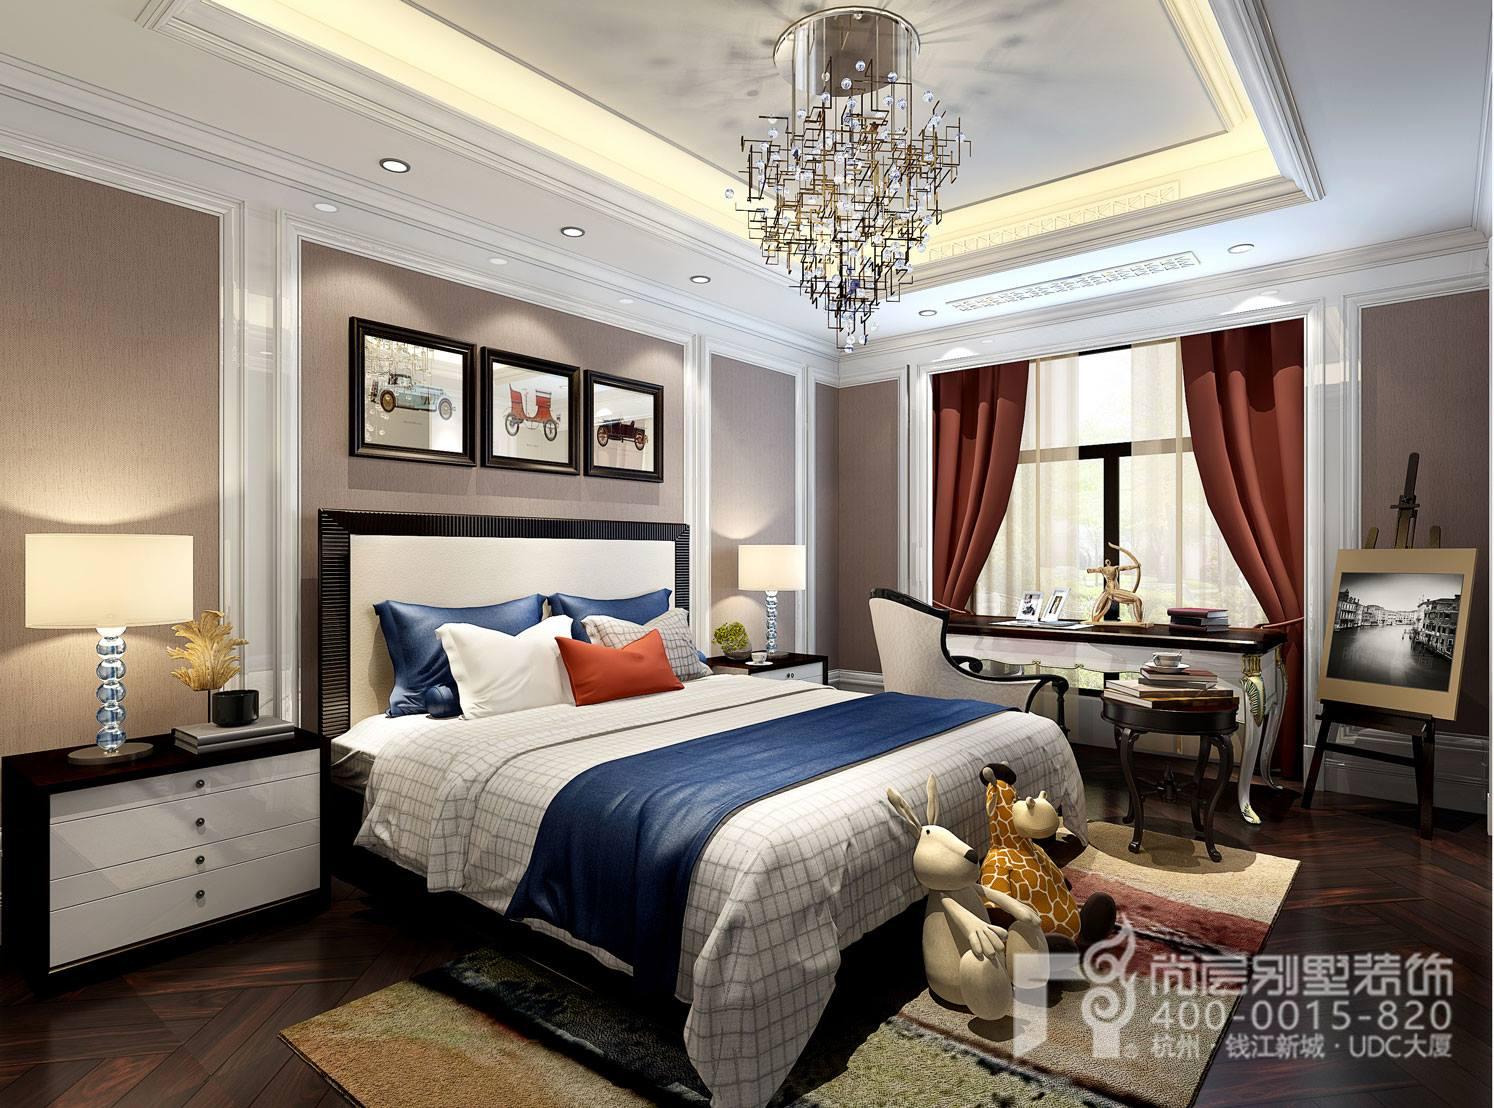 次卧室装修效果图